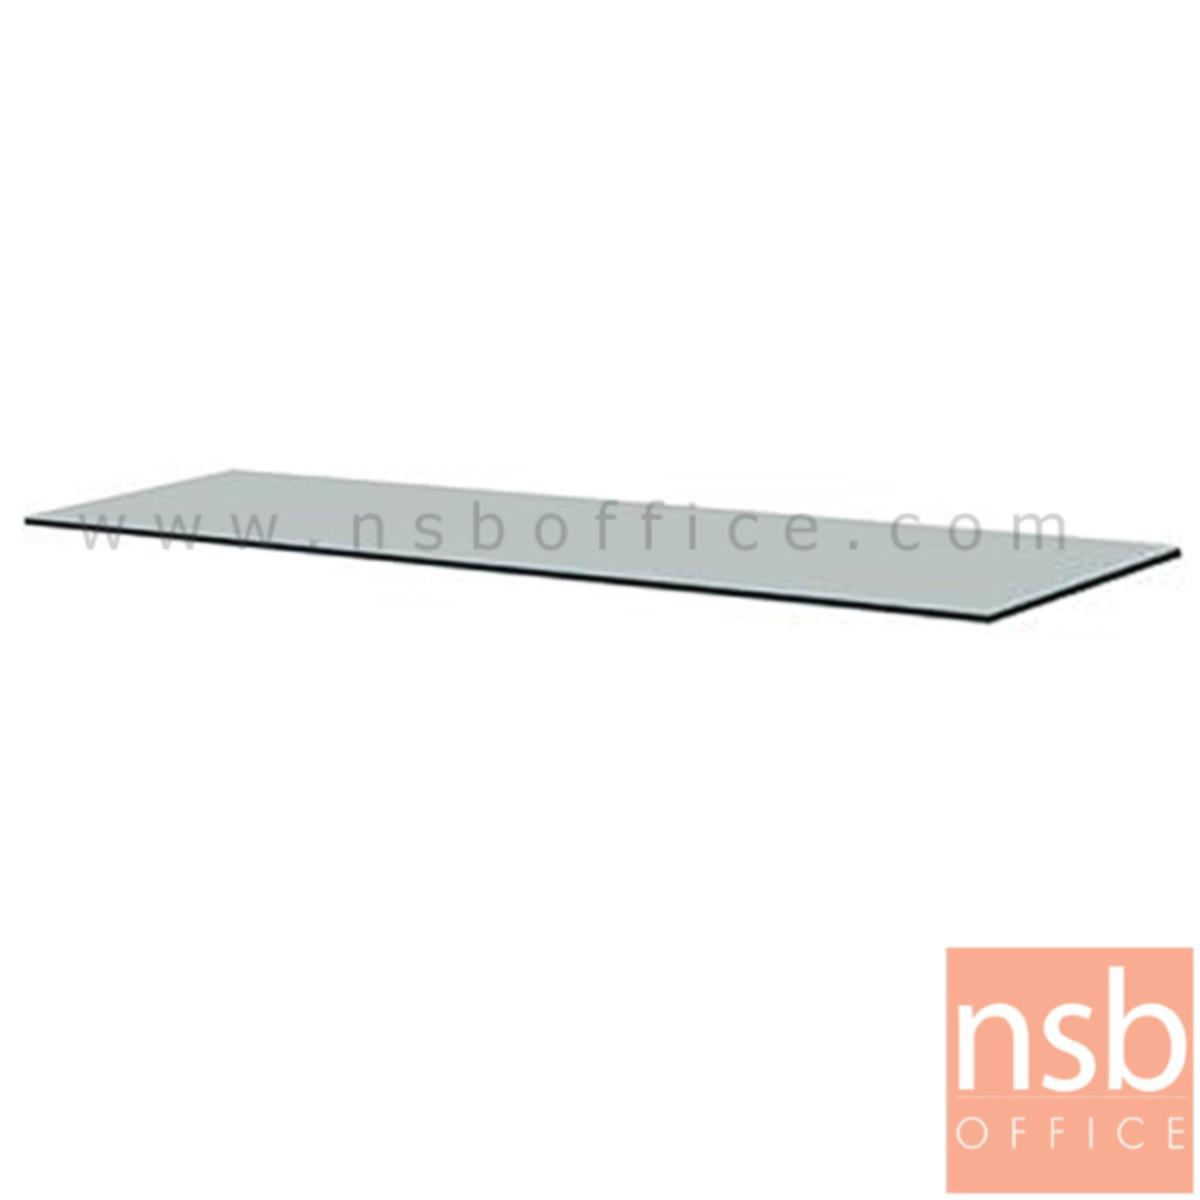 E06A022:กระจกโต๊ะทำงานเหล็ก  3, 3.5, 4, 4.5, 5 และ 6 ฟุต  (จำหน่ายเฉพาะซื้อพร้อมโต๊ะทำงานเหล็ก)